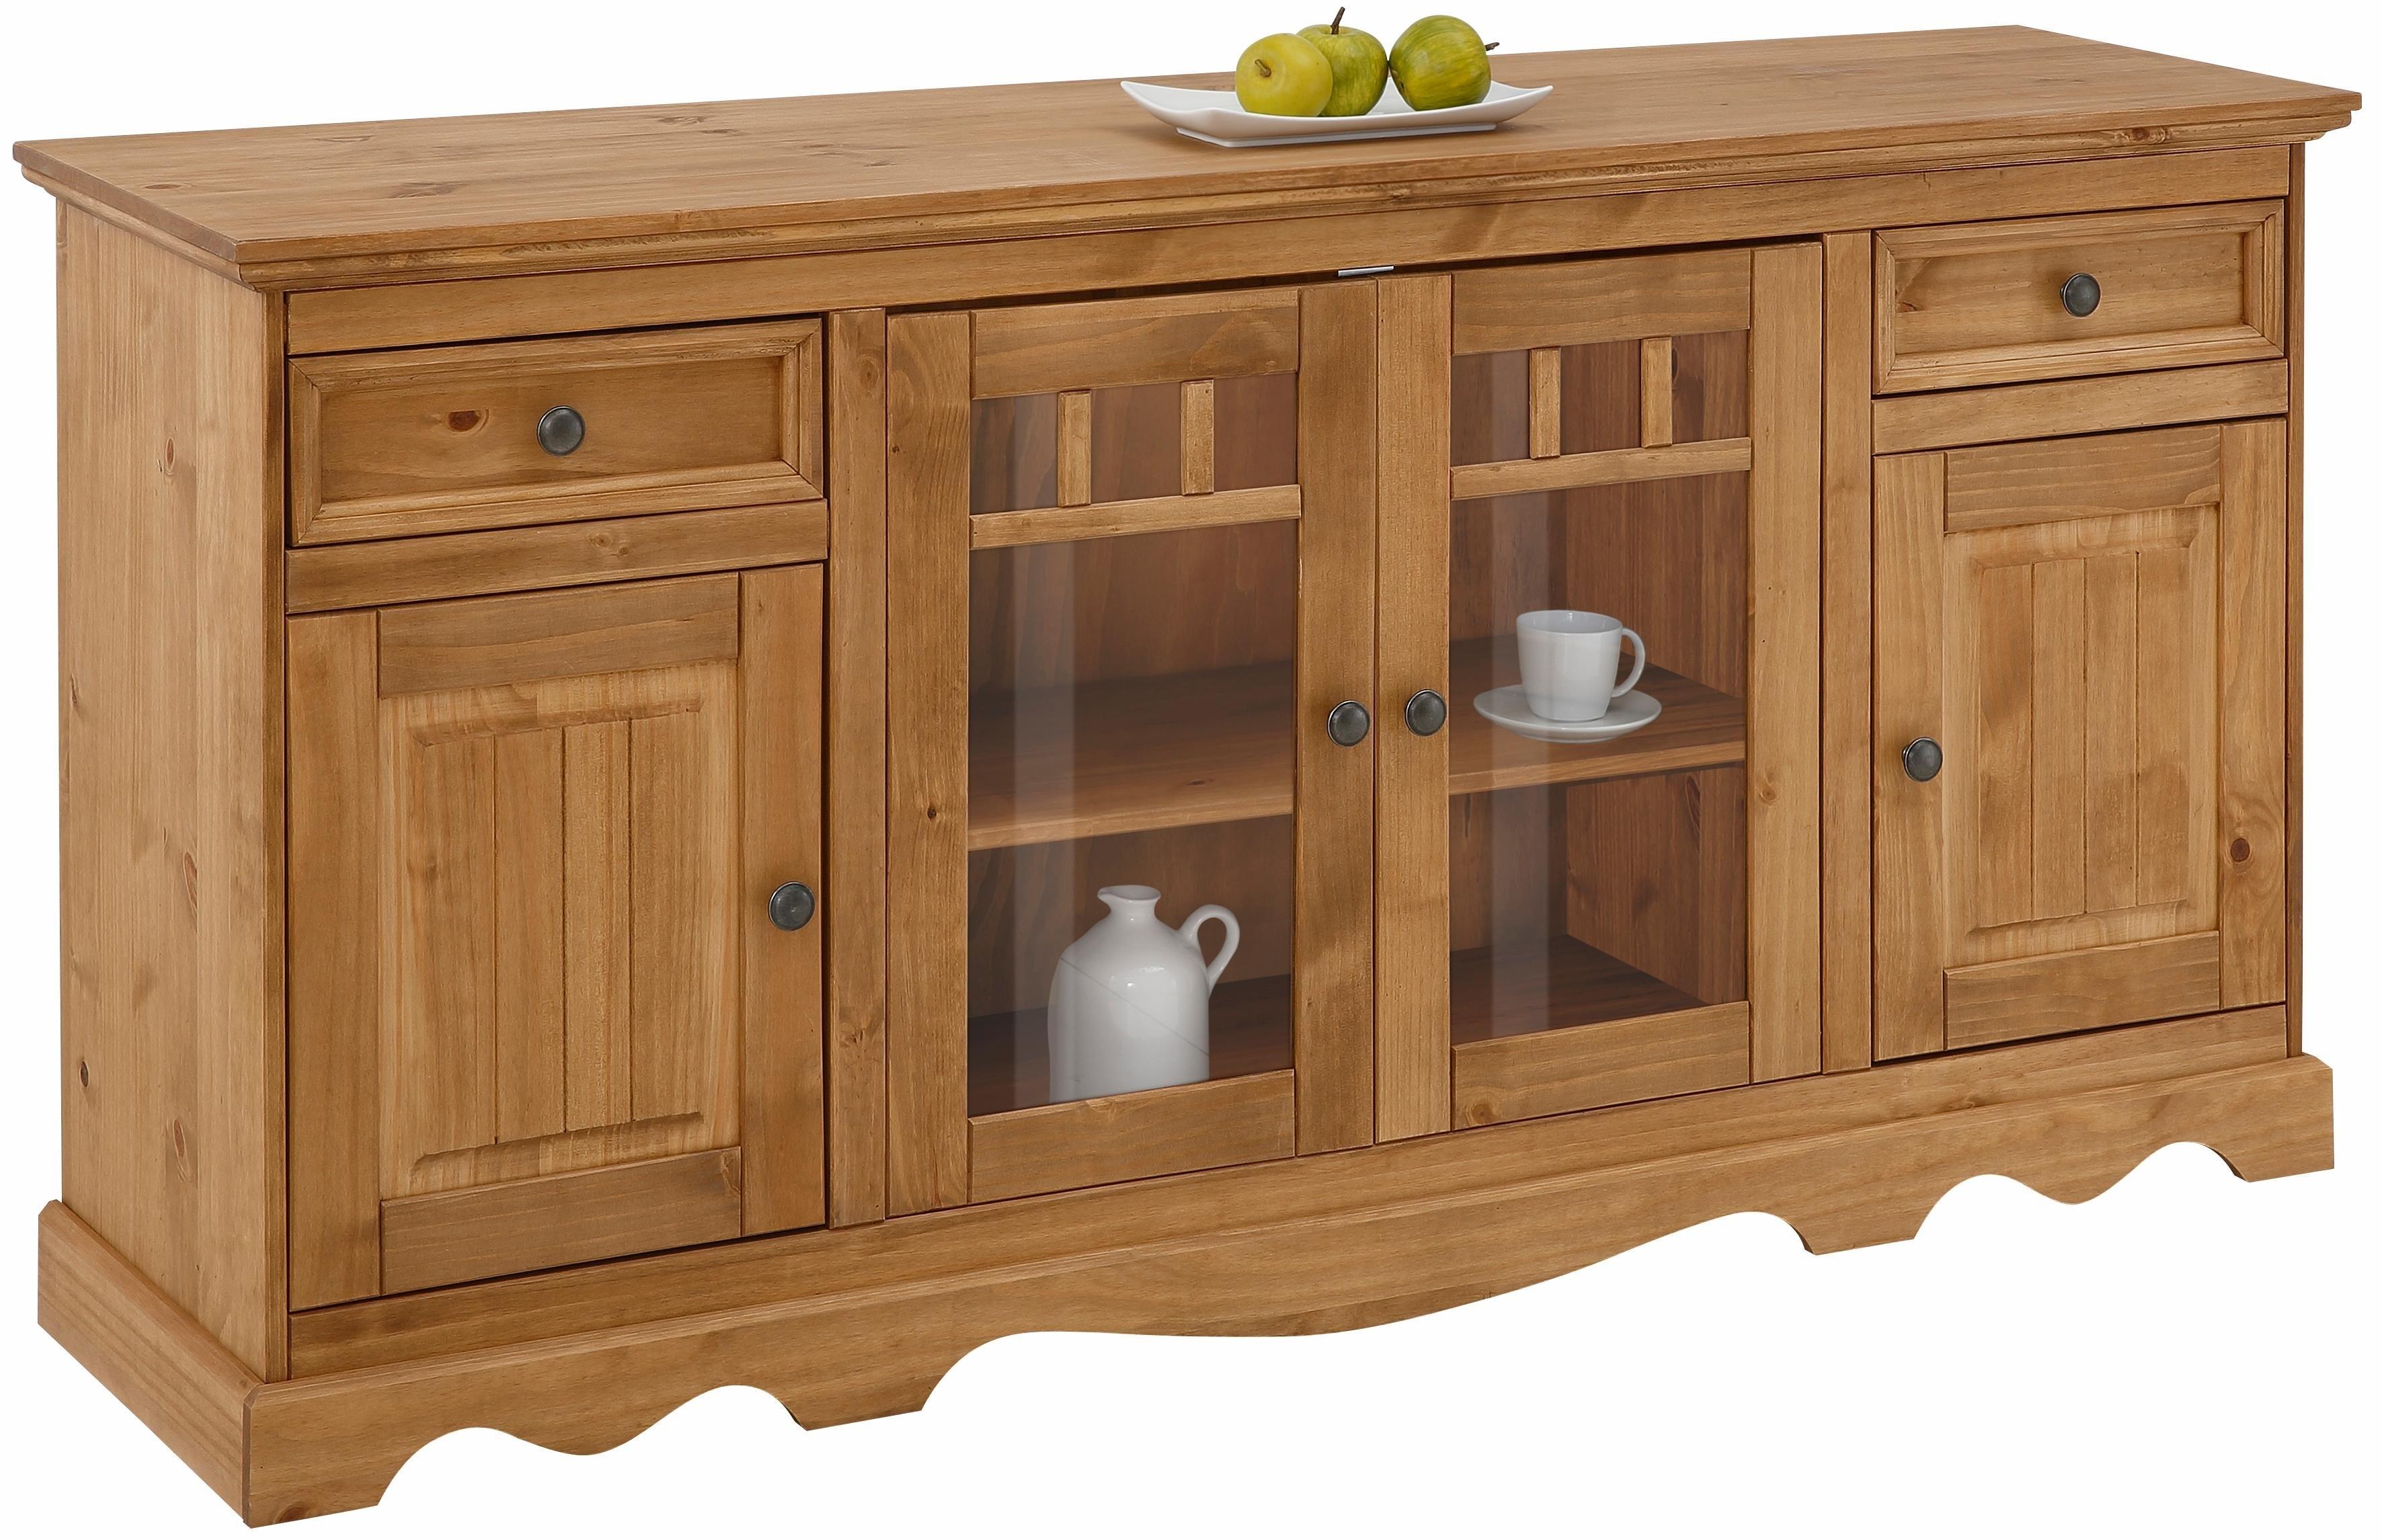 Home Affaire dressoir »Melissa«, breedte 169 cm bestellen: 14 dagen bedenktijd